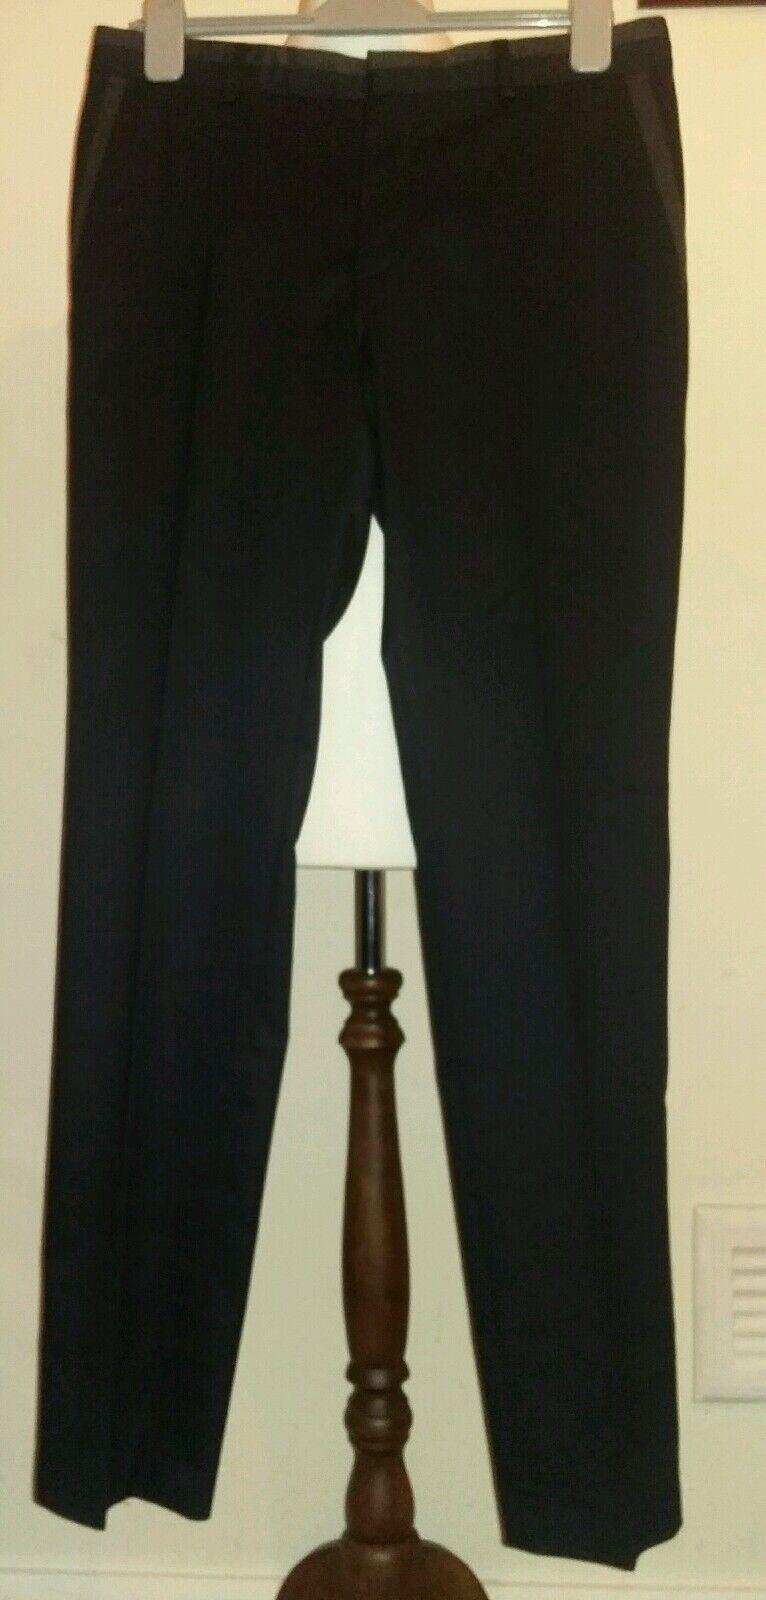 Peter Werth Edizione Pantaloni Grigio Antracite Taglia 32W 33L RRP -